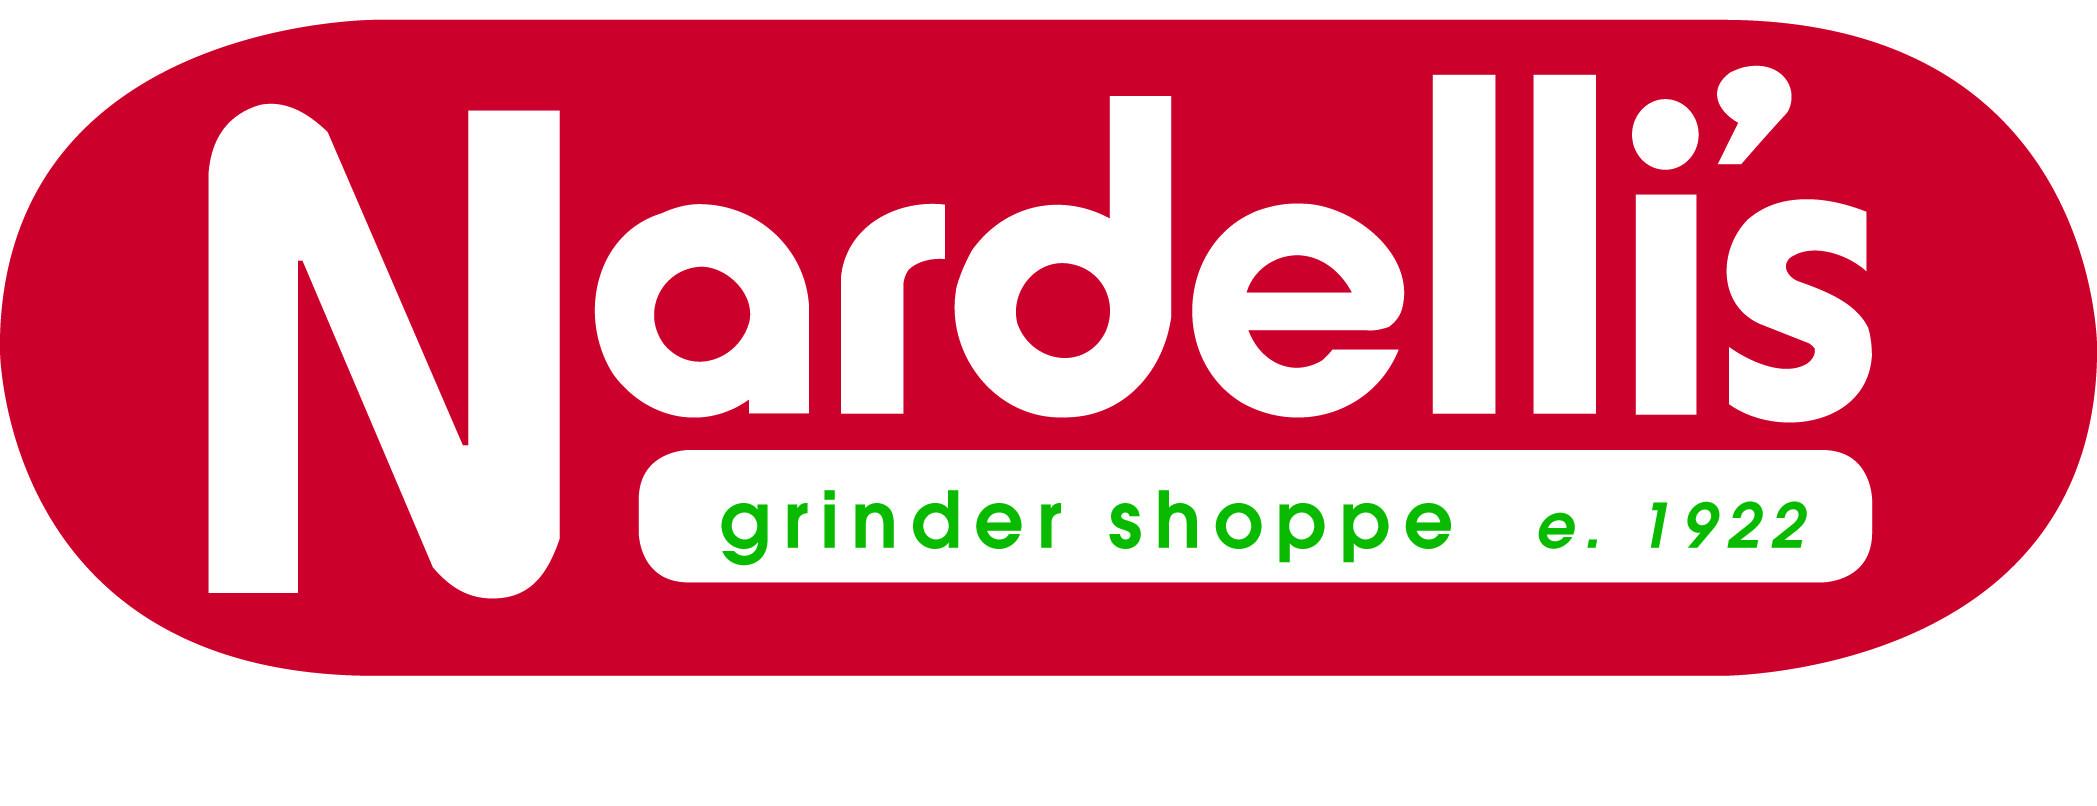 Nardelli's logo